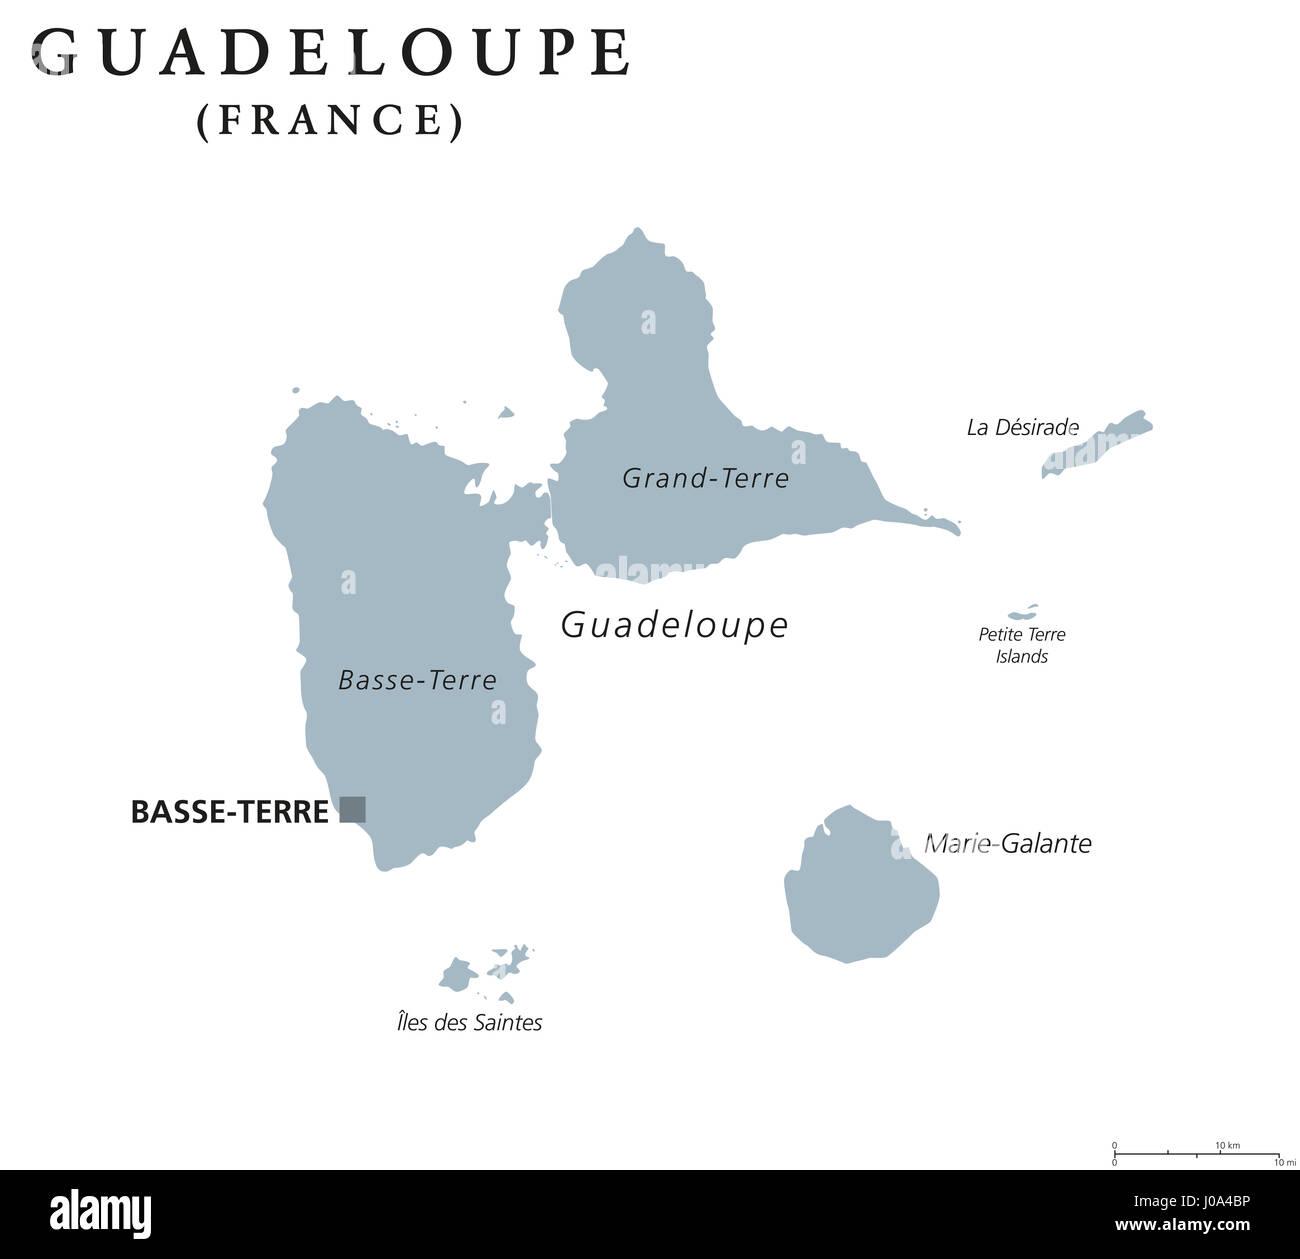 Guadalupe mapa político con capital Basse-Terre. Islas del Caribe y la región de ultramar de Francia en las Antillas e islas de Sotavento. Foto de stock